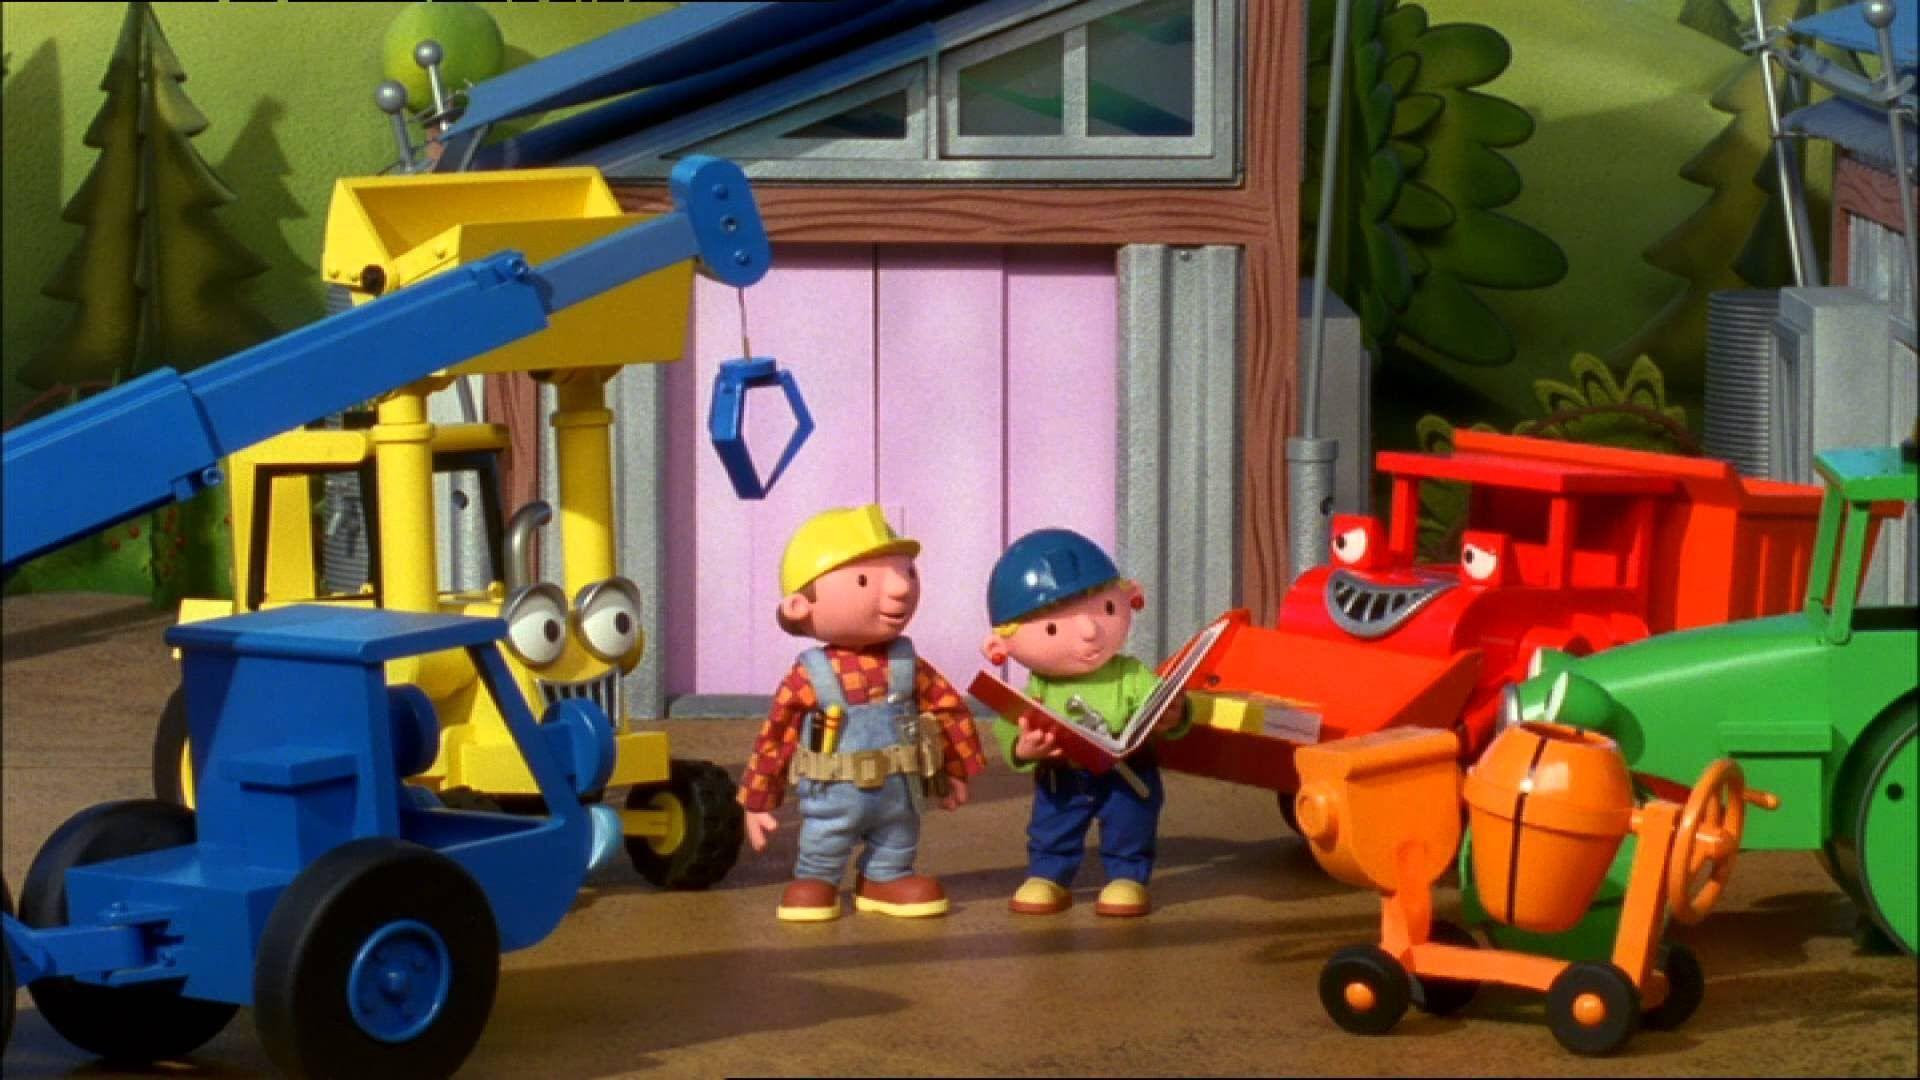 Bob the builder - 90s Cartoons